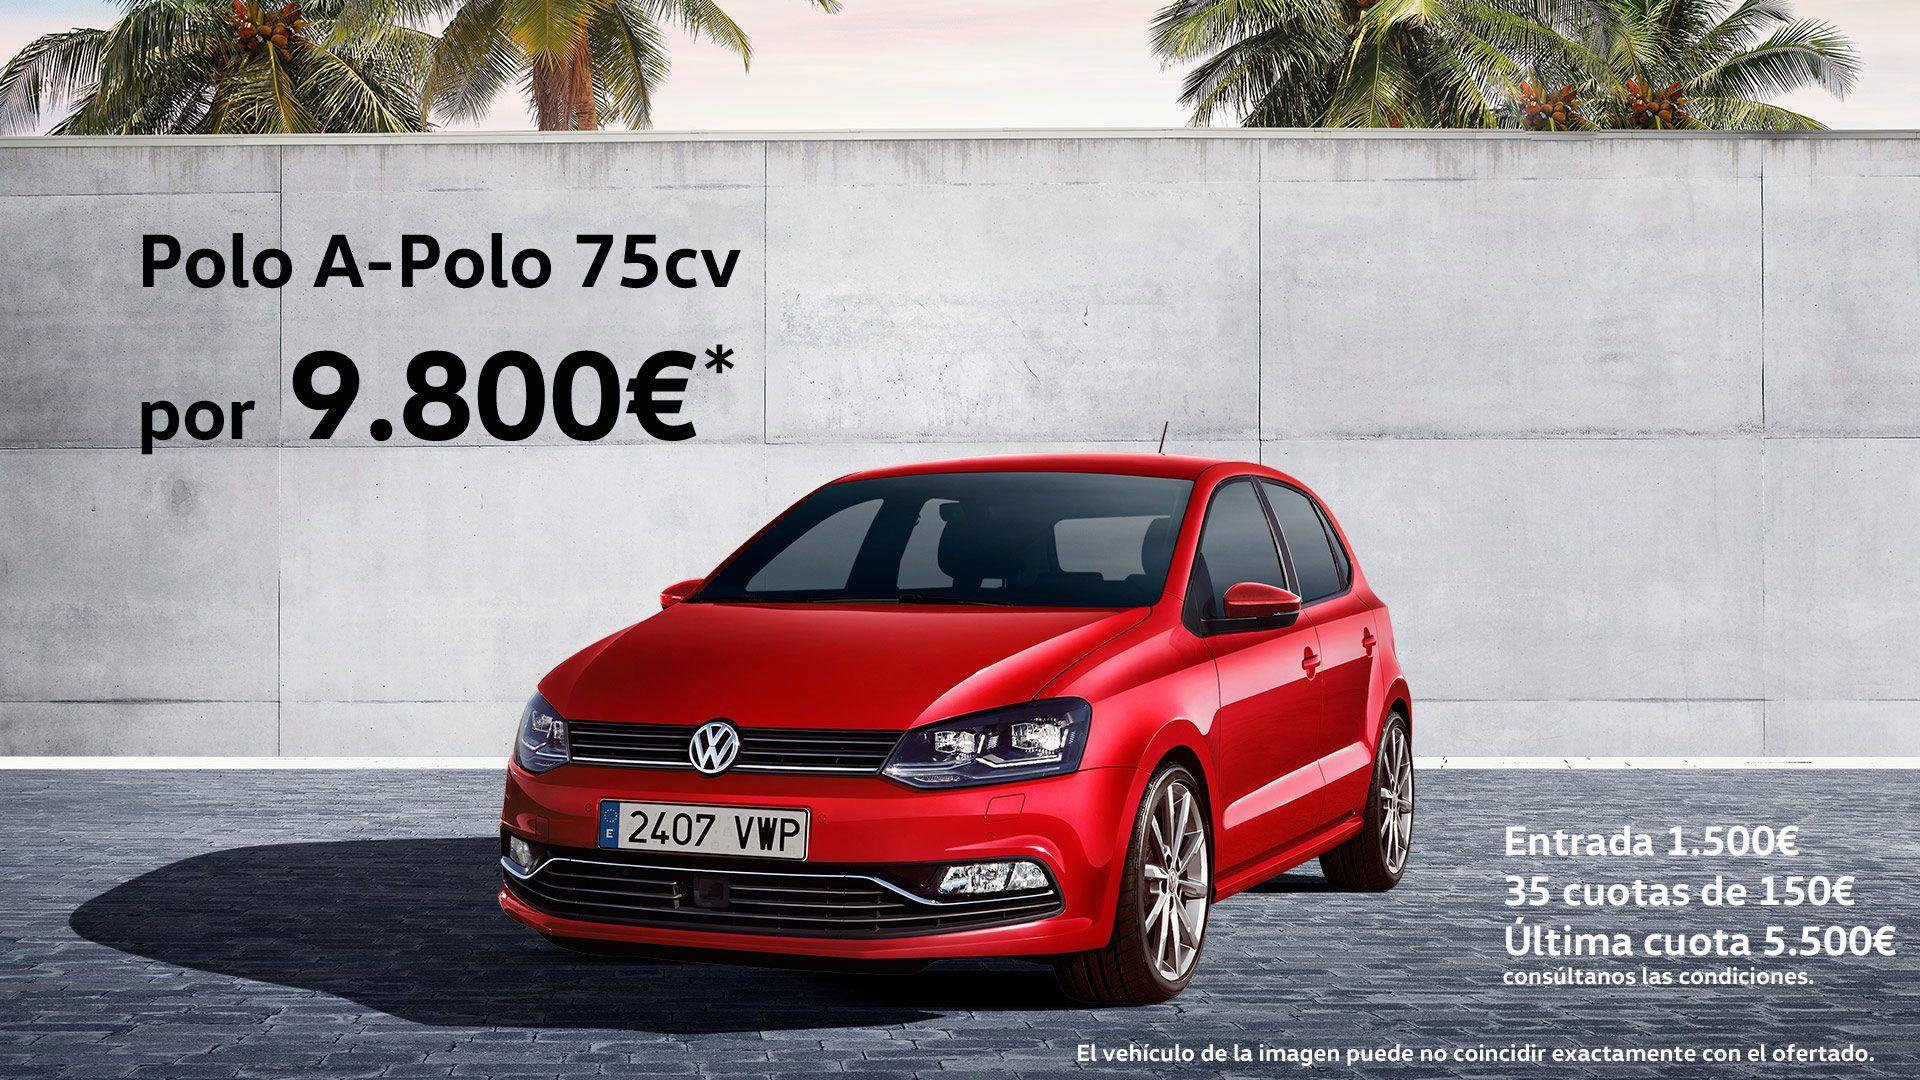 A-Polo por 9.800€